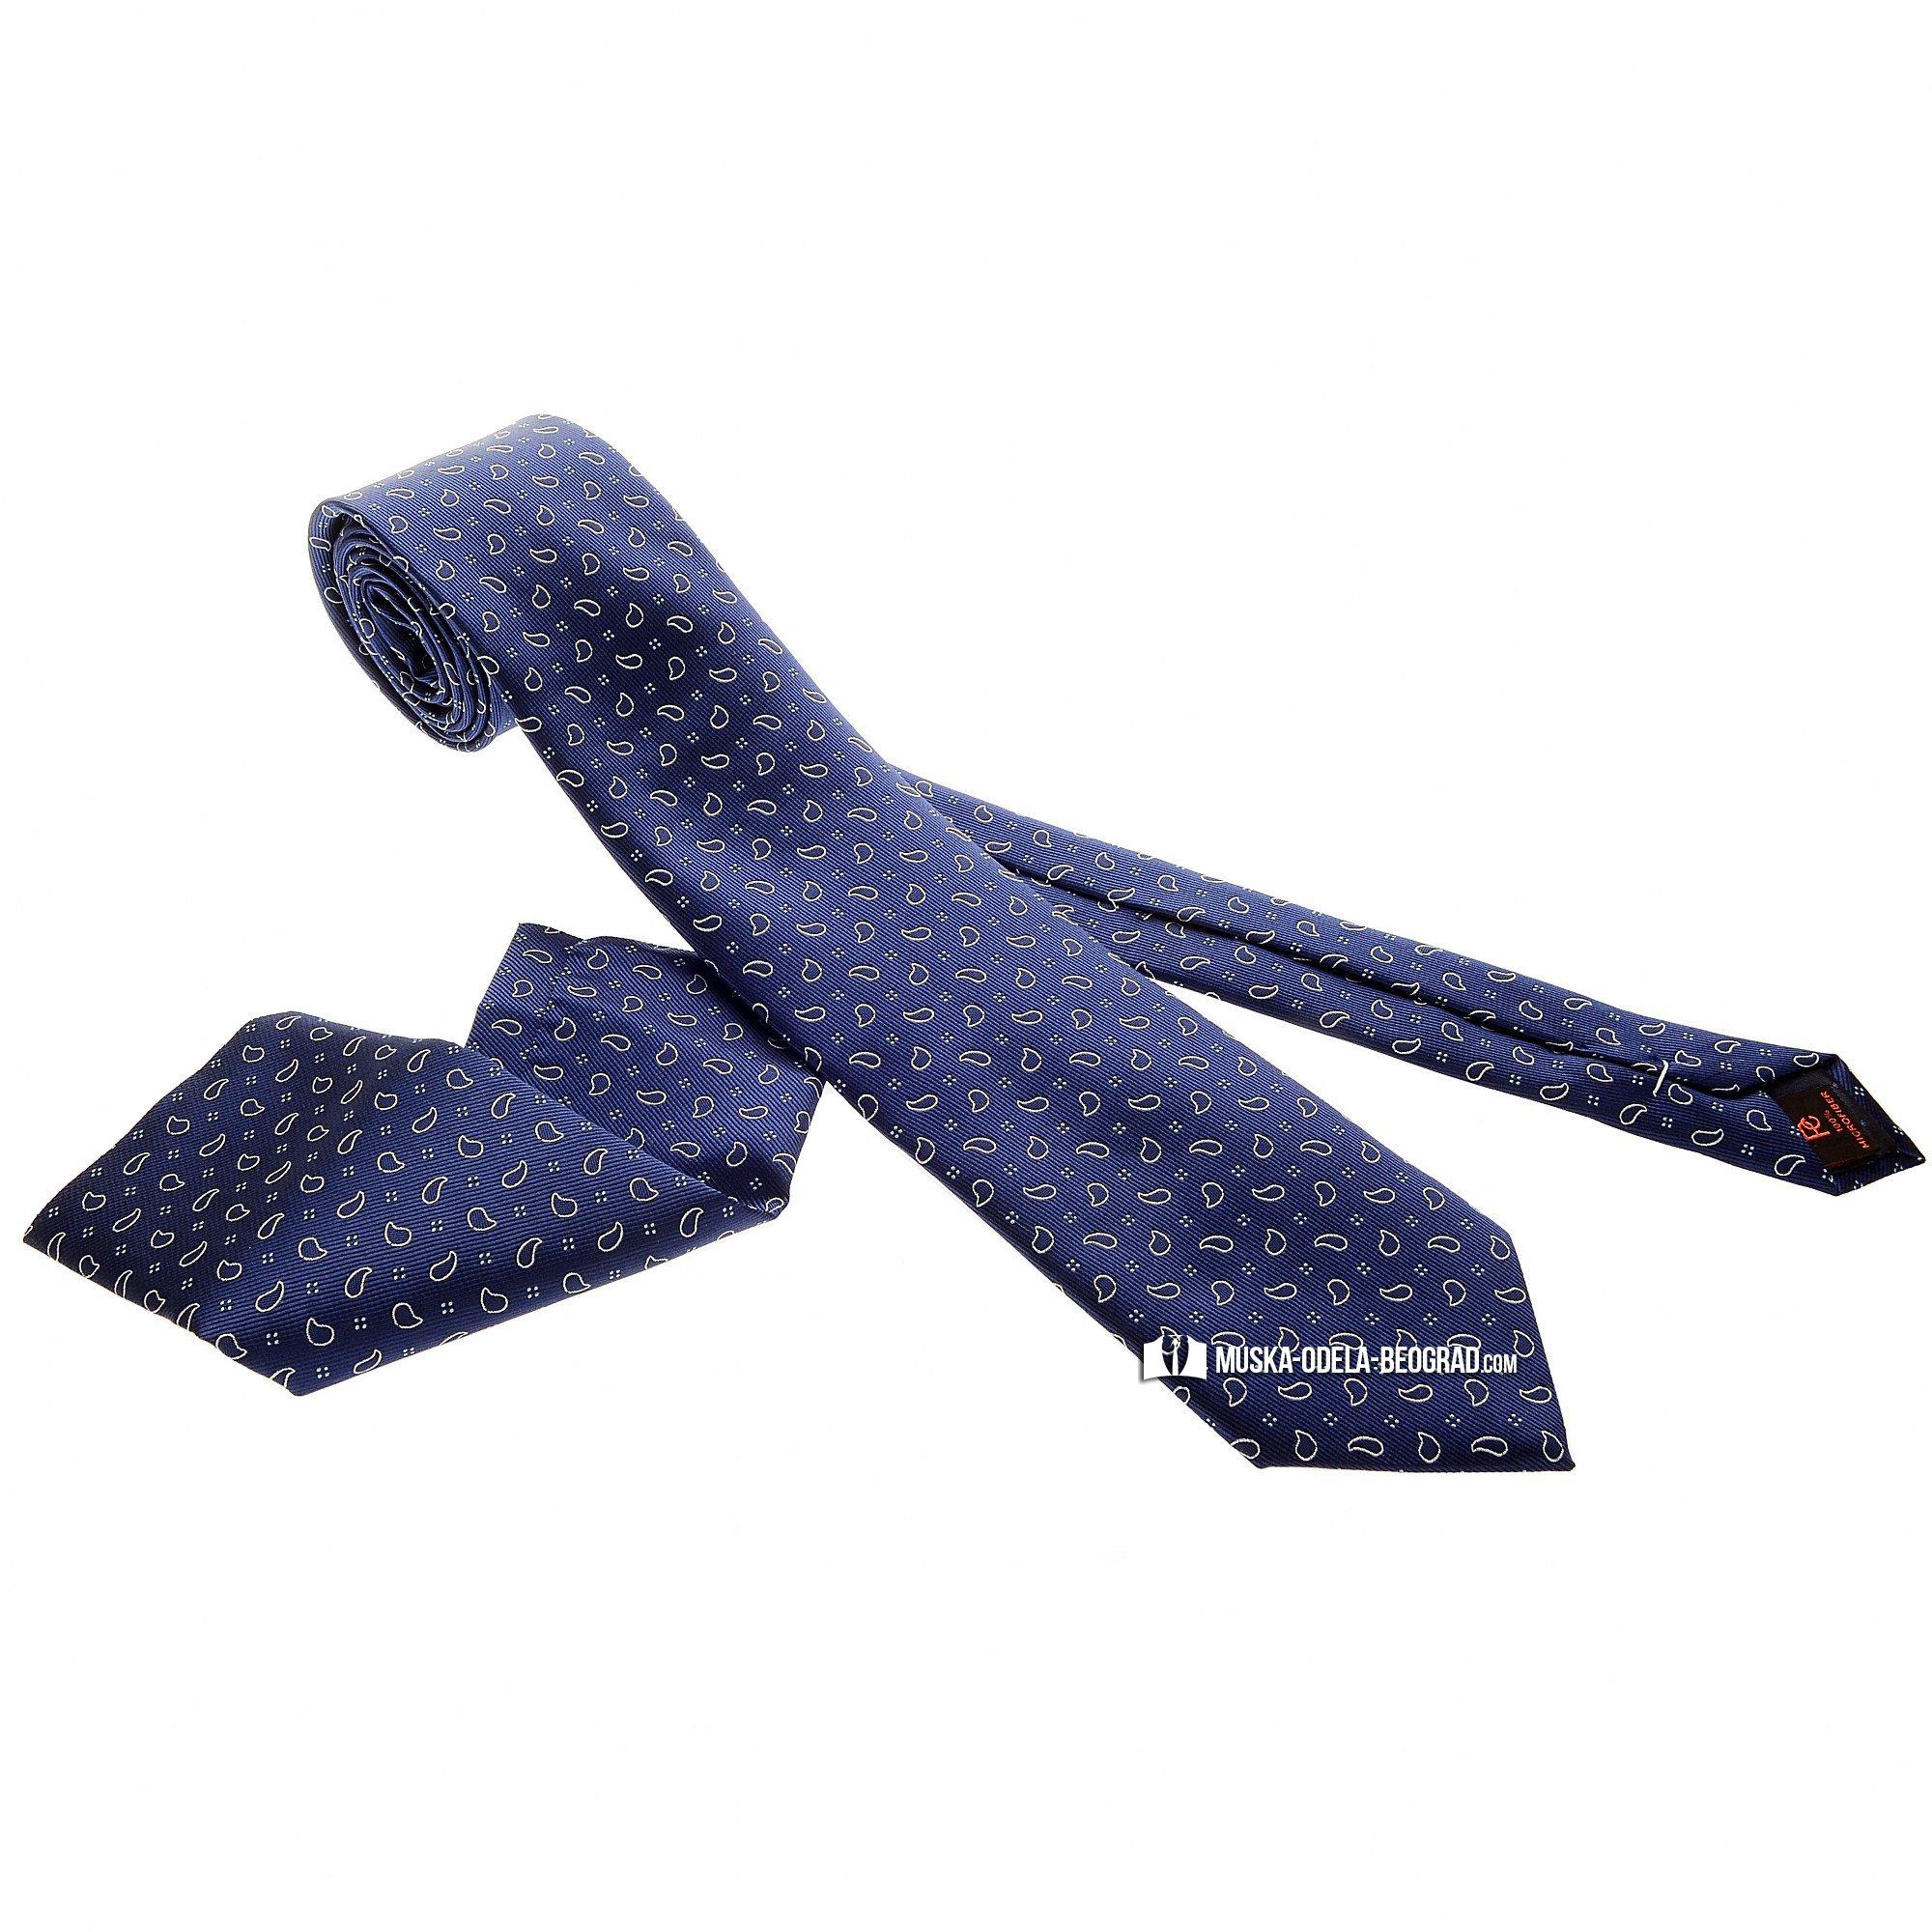 muske kravate #197 - muske kravate,beograd,prodaja muskih kravata,cene, svecane kravate,kravate za svecane prilike,on line prodaja,muske kosulje,prodaja muskih kosulja,kosulje za maturel,muske kosulje cene